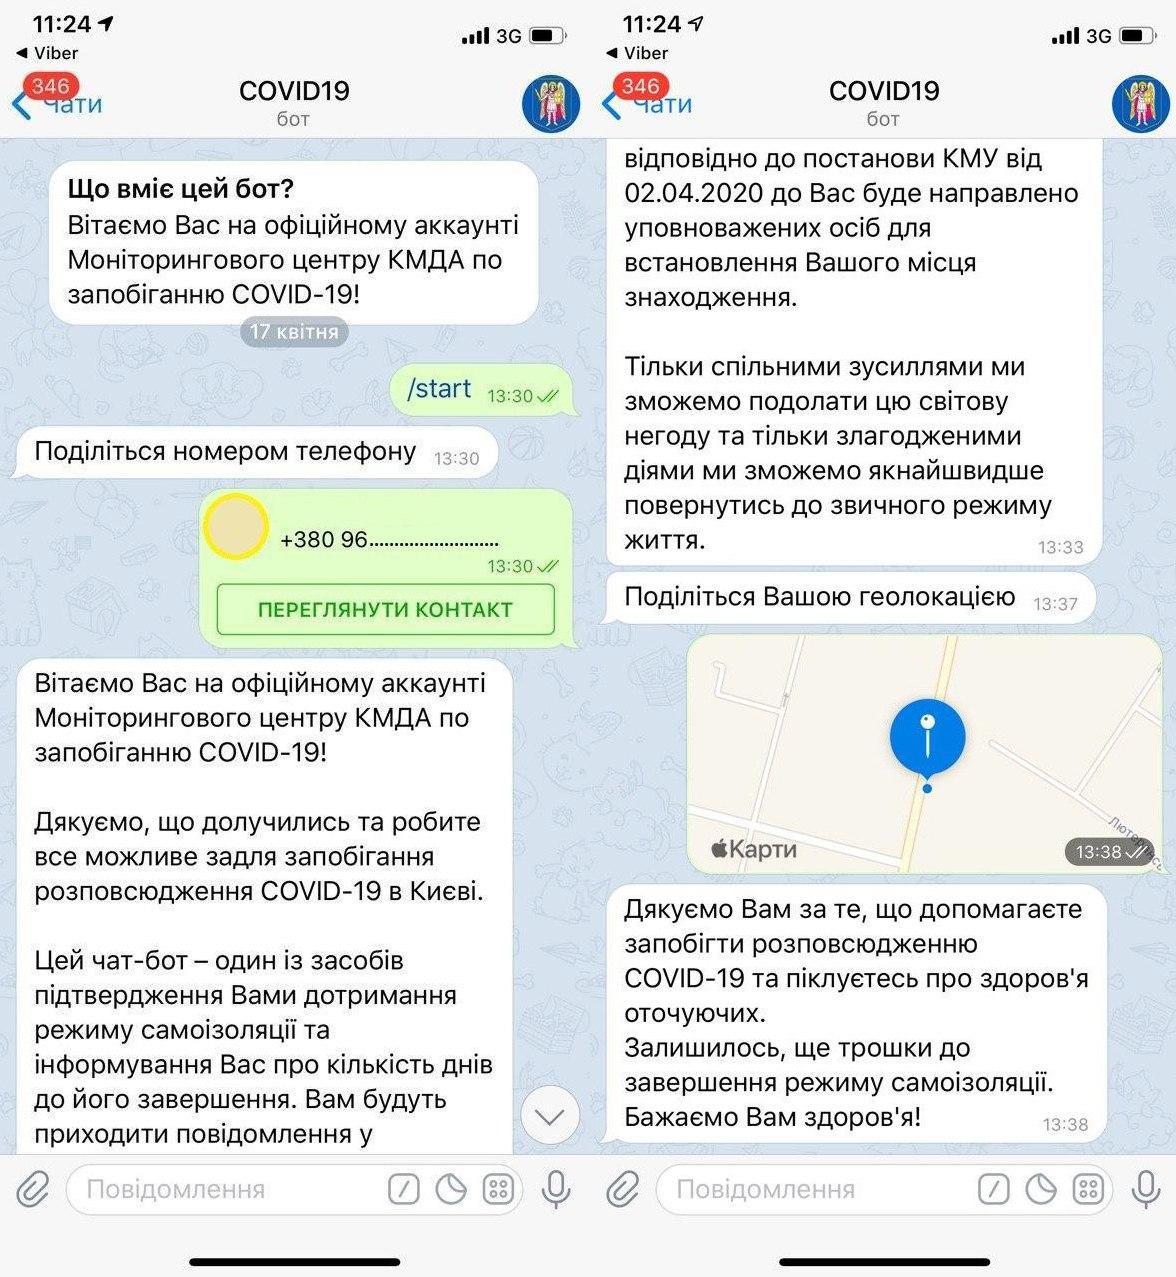 5321 У Києві запустили Telegram-бот для дистанційного контролю за дотриманням самоізоляції